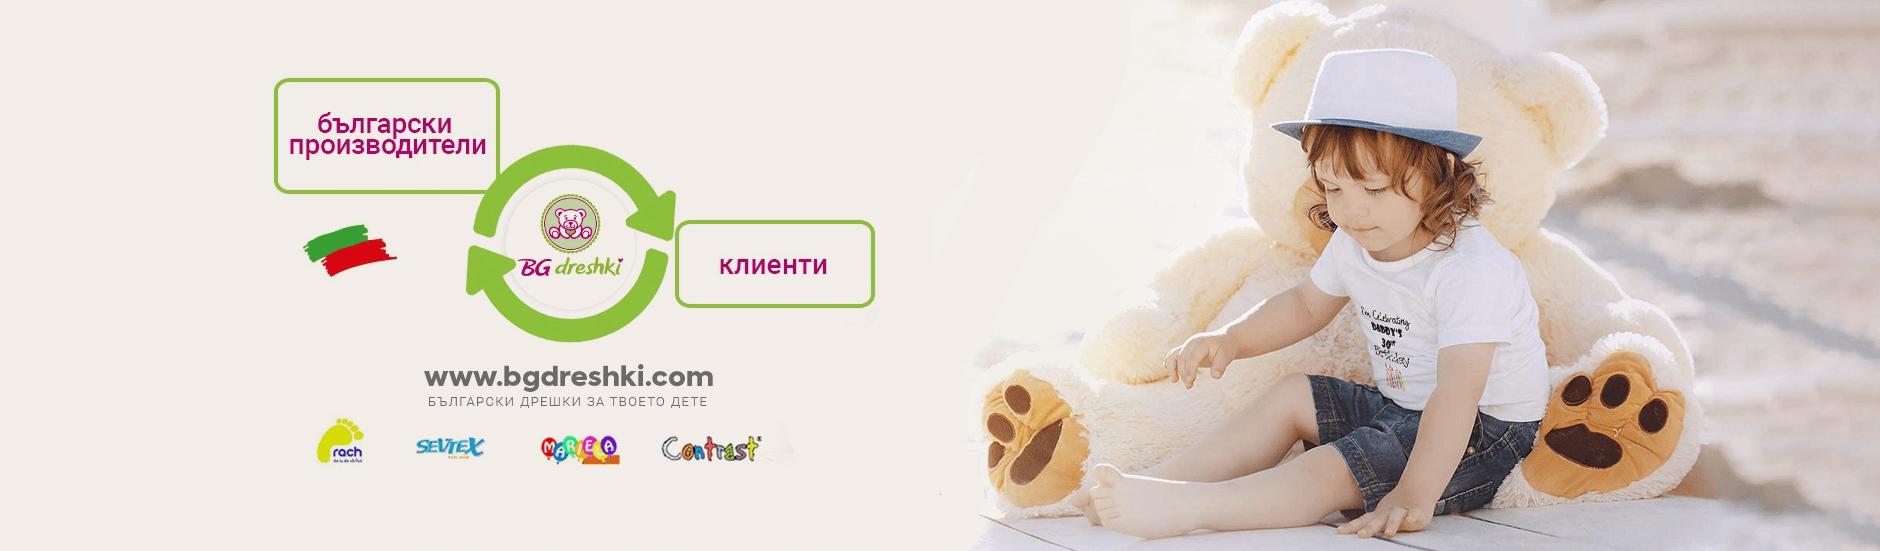 Български дрешки за твоето дете